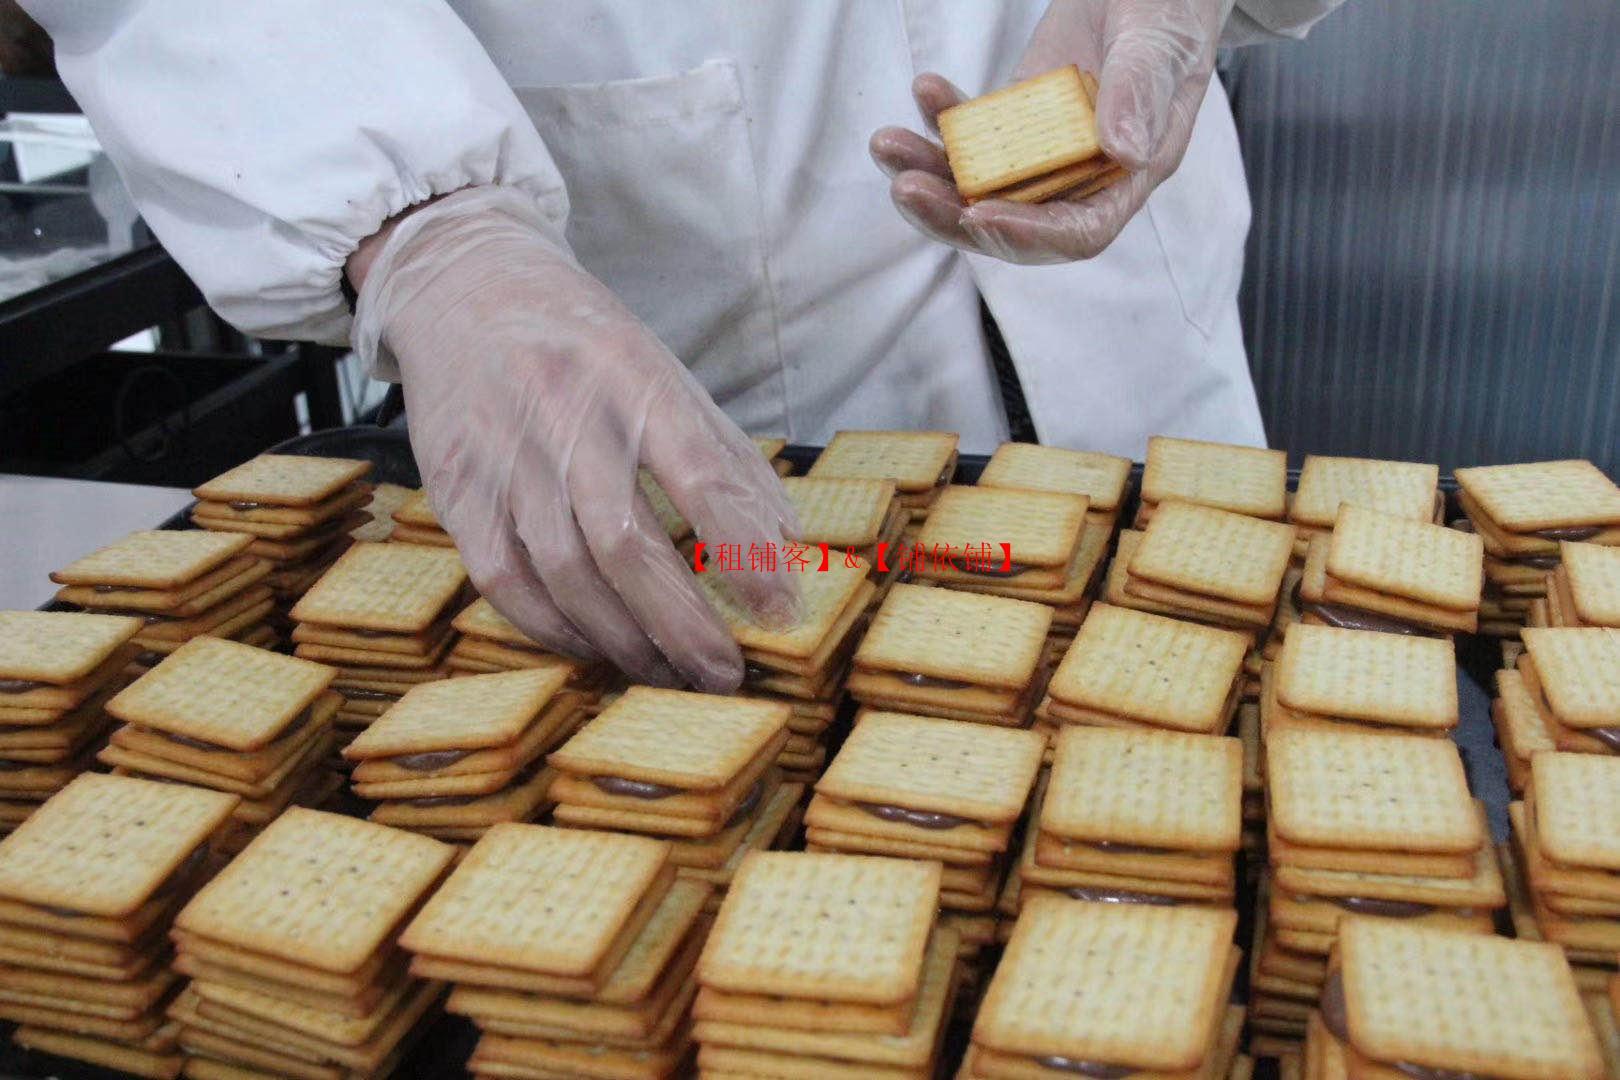 金阳步行街食品加工厂转让,证照齐全